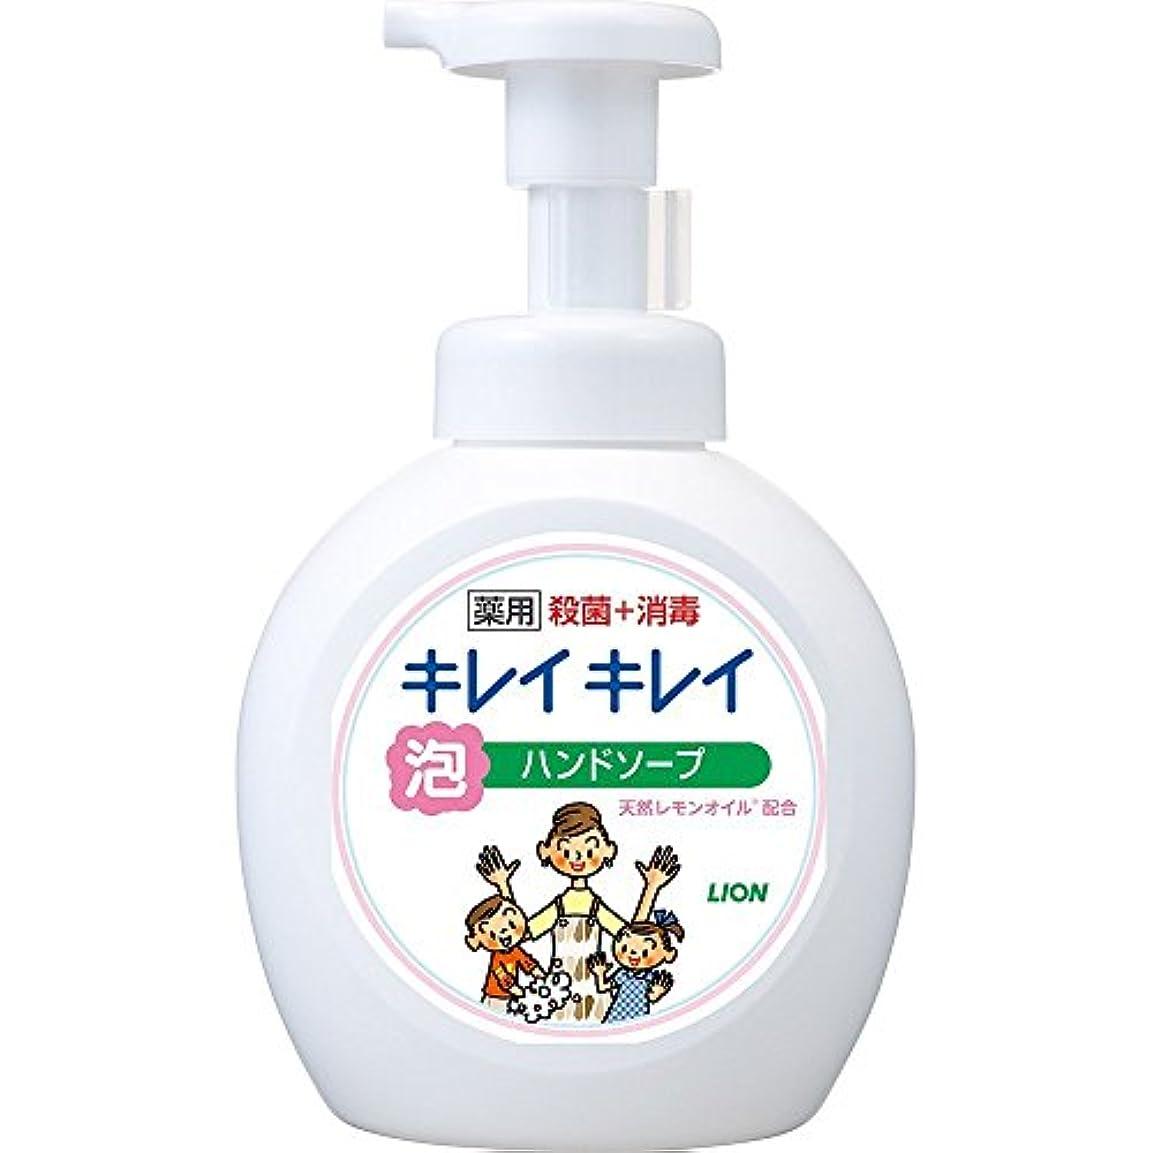 適合しました探検忌避剤キレイキレイ 薬用 泡ハンドソープ シトラスフルーティの香り 本体ポンプ 大型サイズ 500ml(医薬部外品)